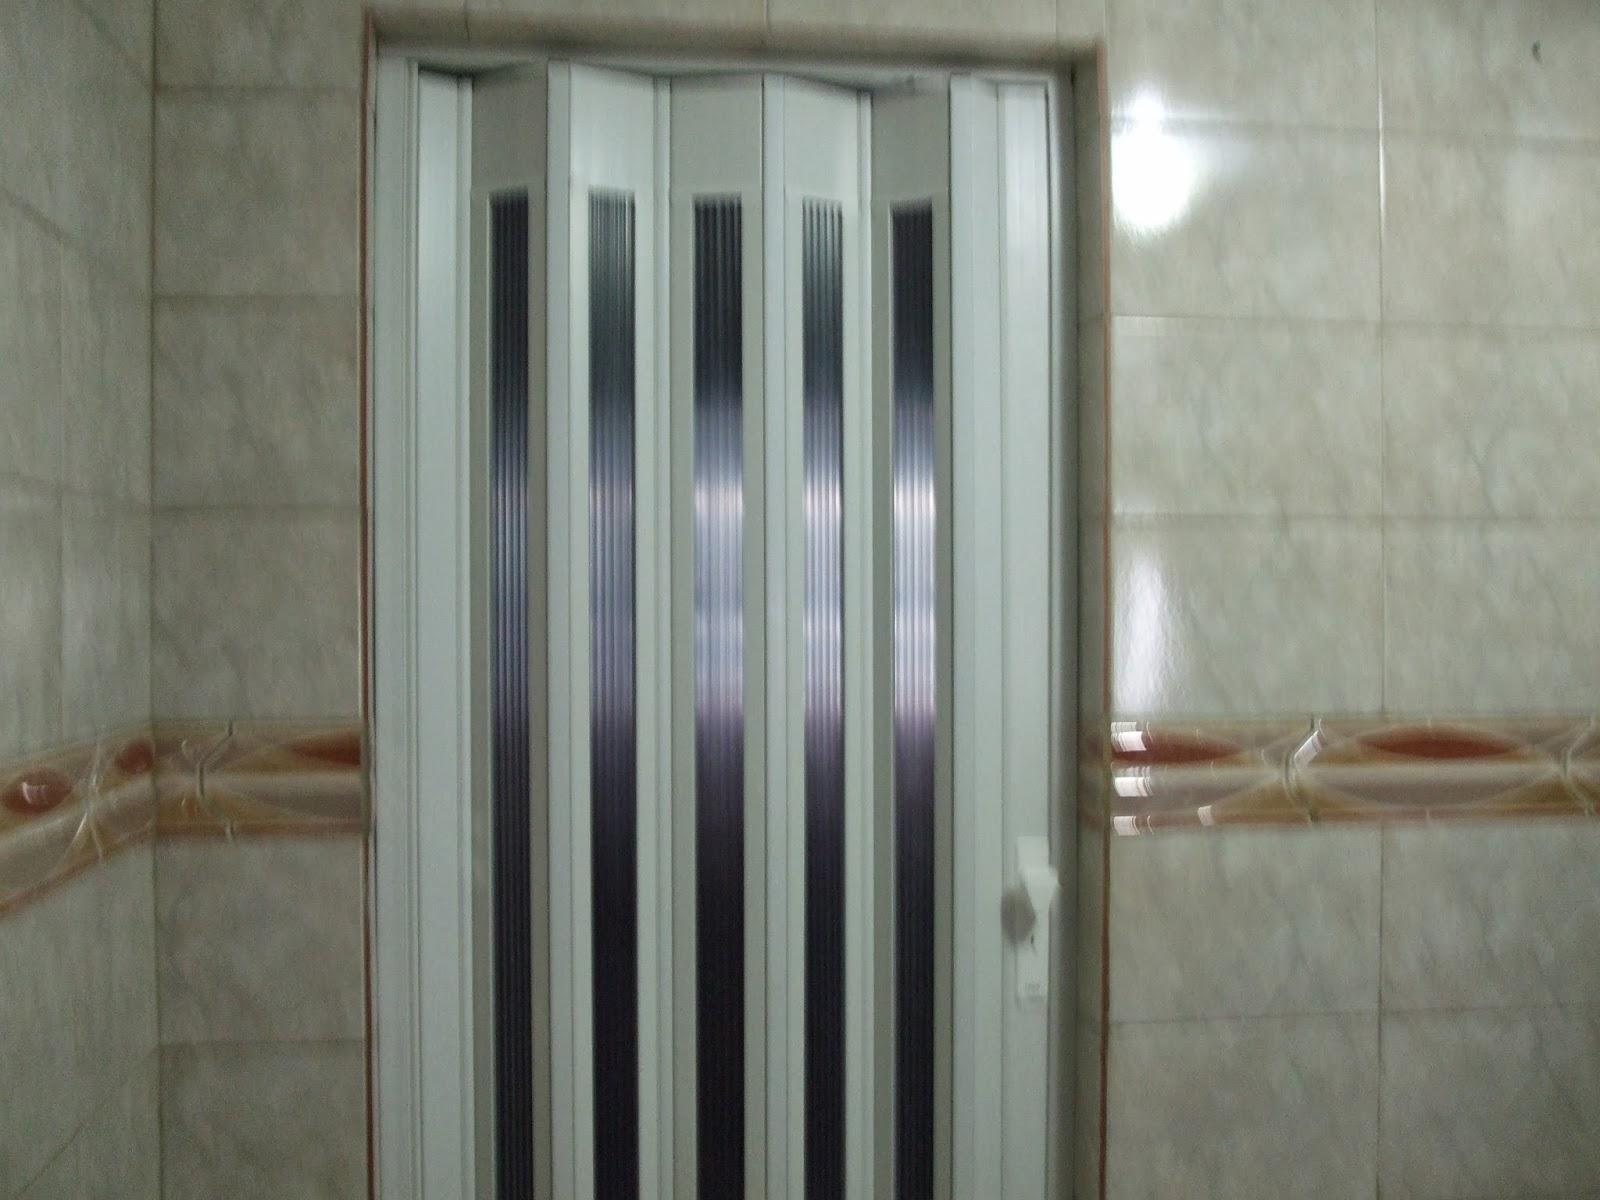 #5C4A38  imbuia cerejeira e mogno 2 anos de garantia fotos de portas sanfonadas 286 Janelas De Vidro Sanfonadas